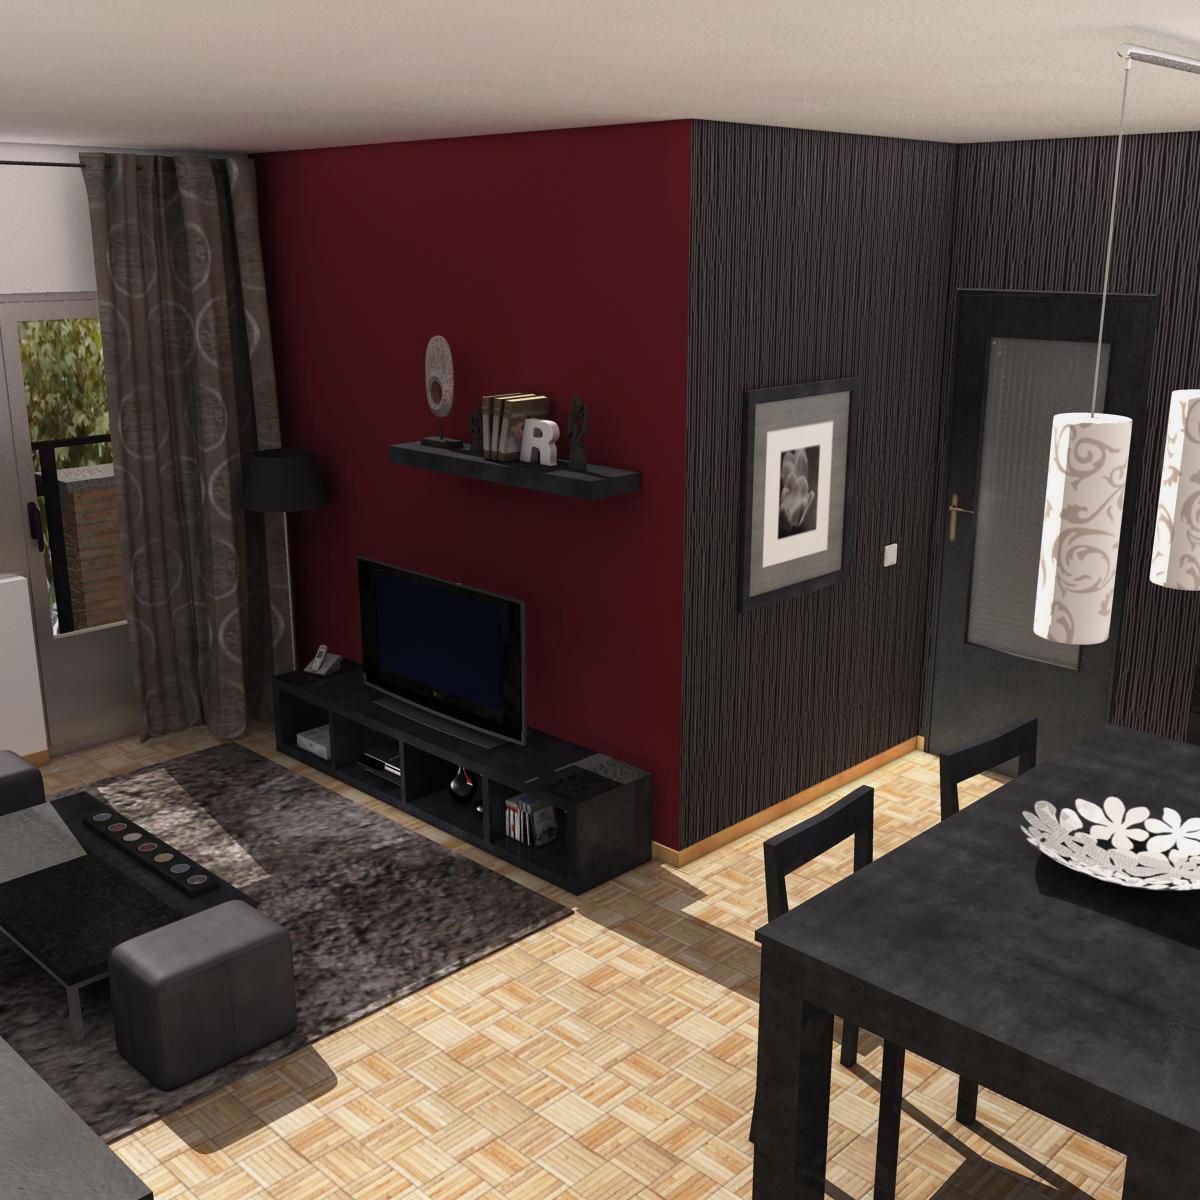 Living room 3d model buy living room 3d model flatpyramid for Living with models